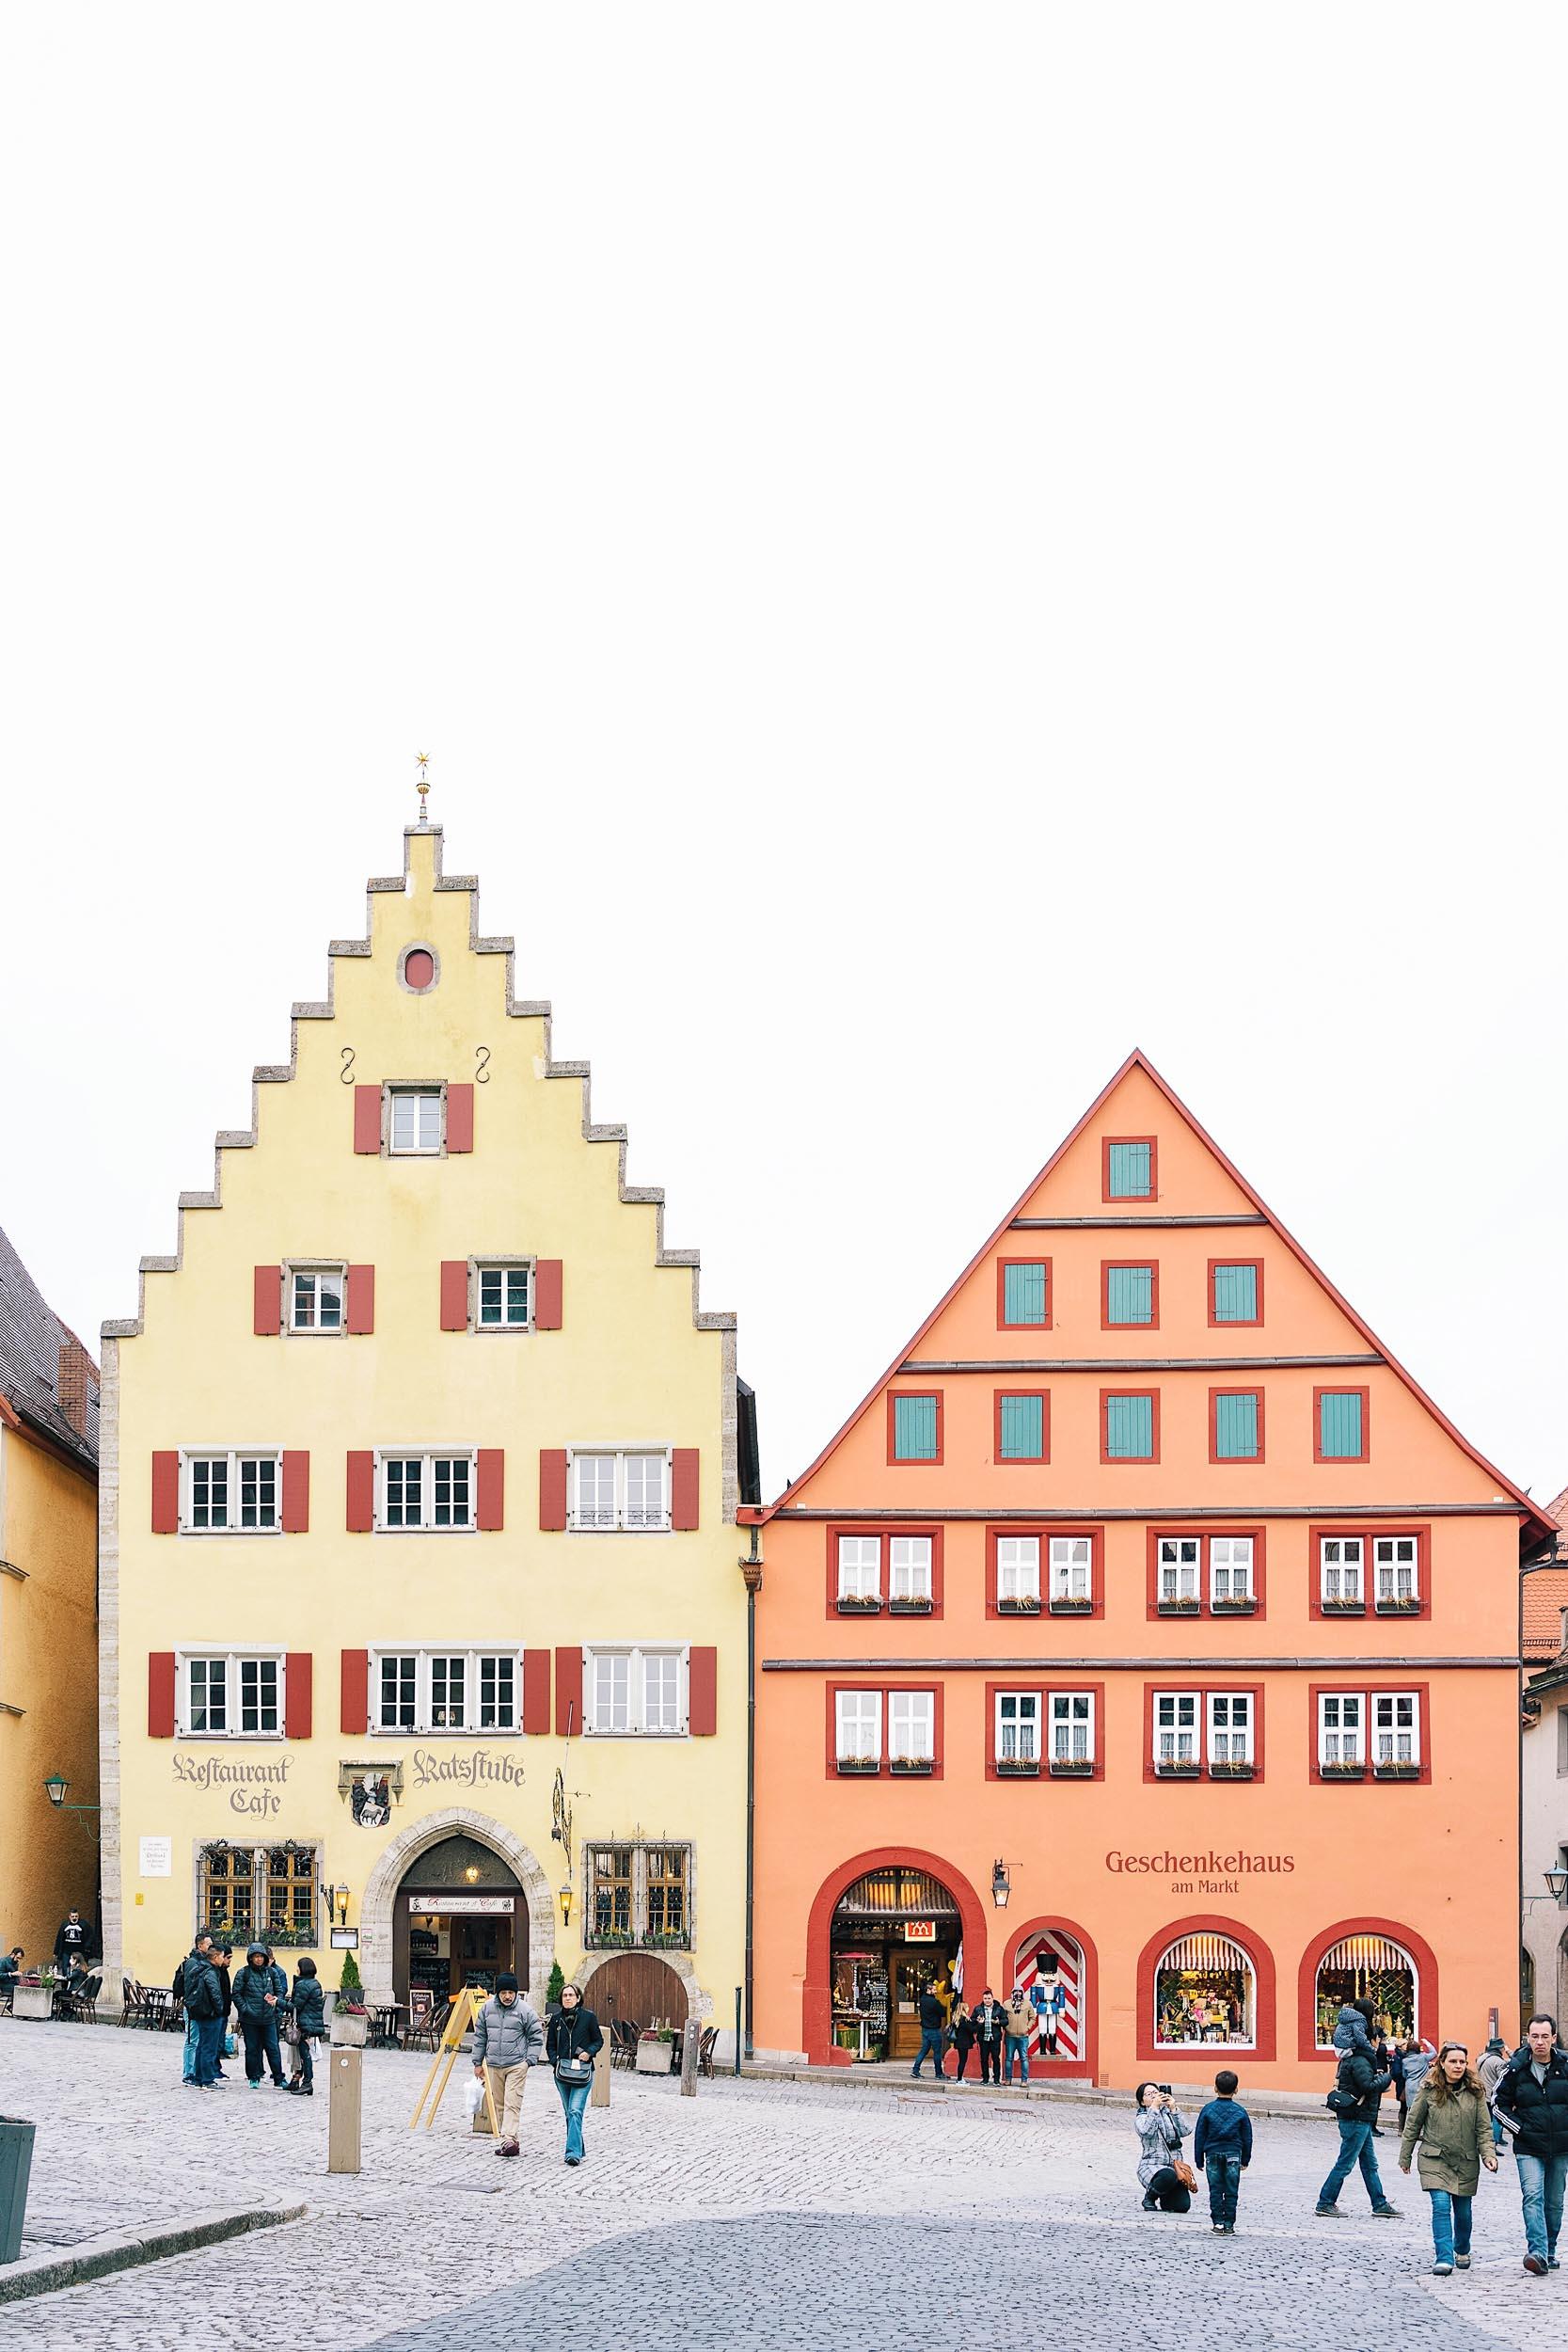 Marktplatz in Rothenburg